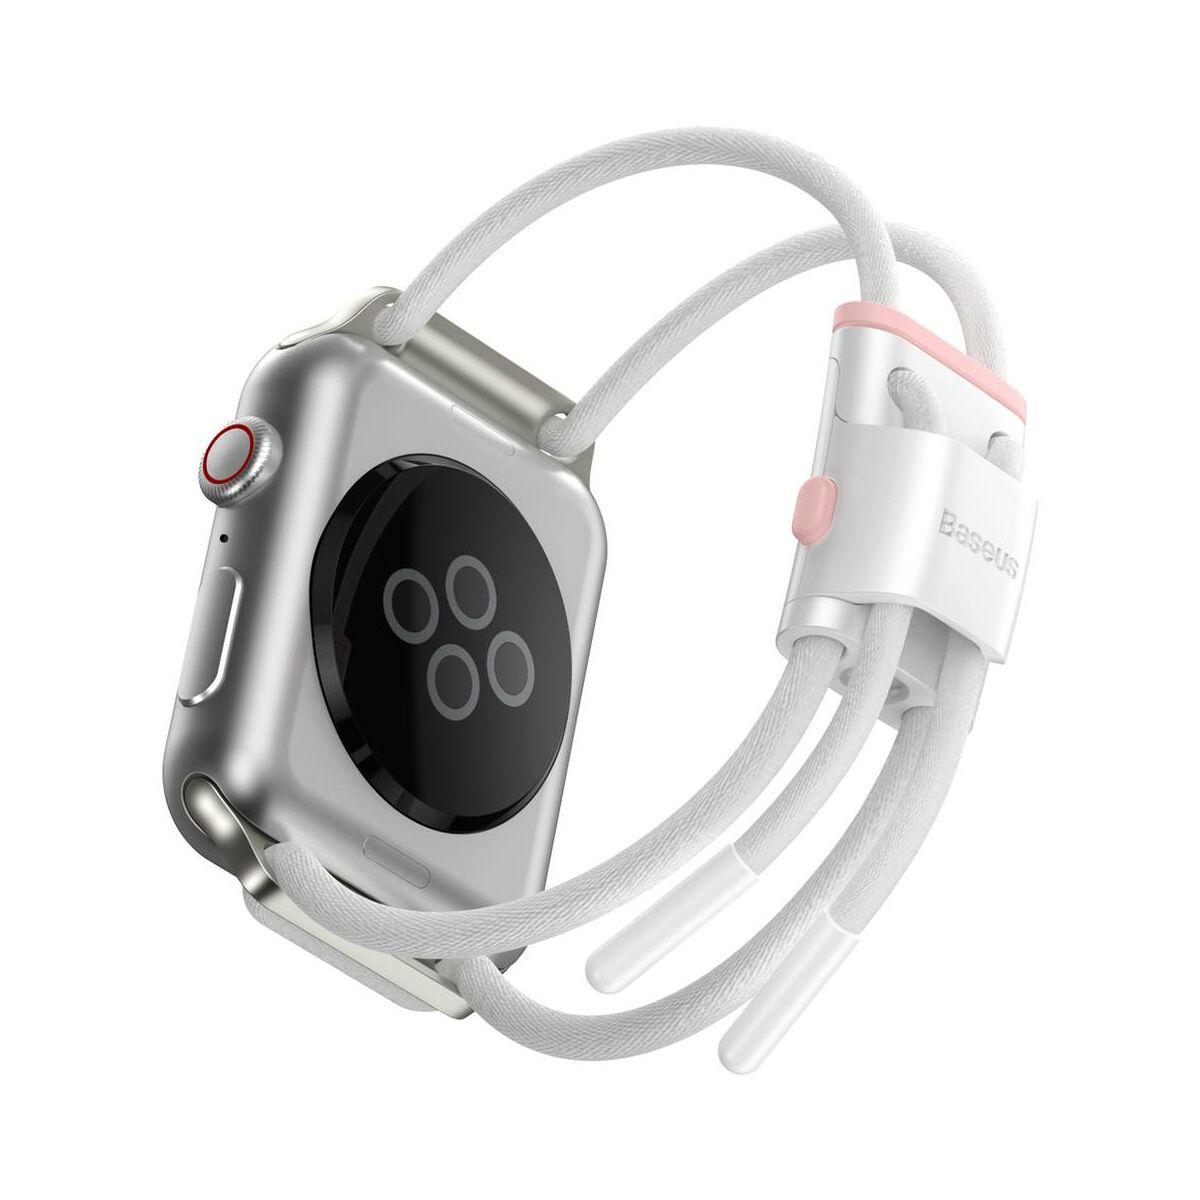 Baseus Apple Watch óraszíj, Lets go zárható, méretre állítható, 3,4,5 modellekhez, 38 mm / 40 mm, fehér/ rózsaszín (LBAPWA4-A24)